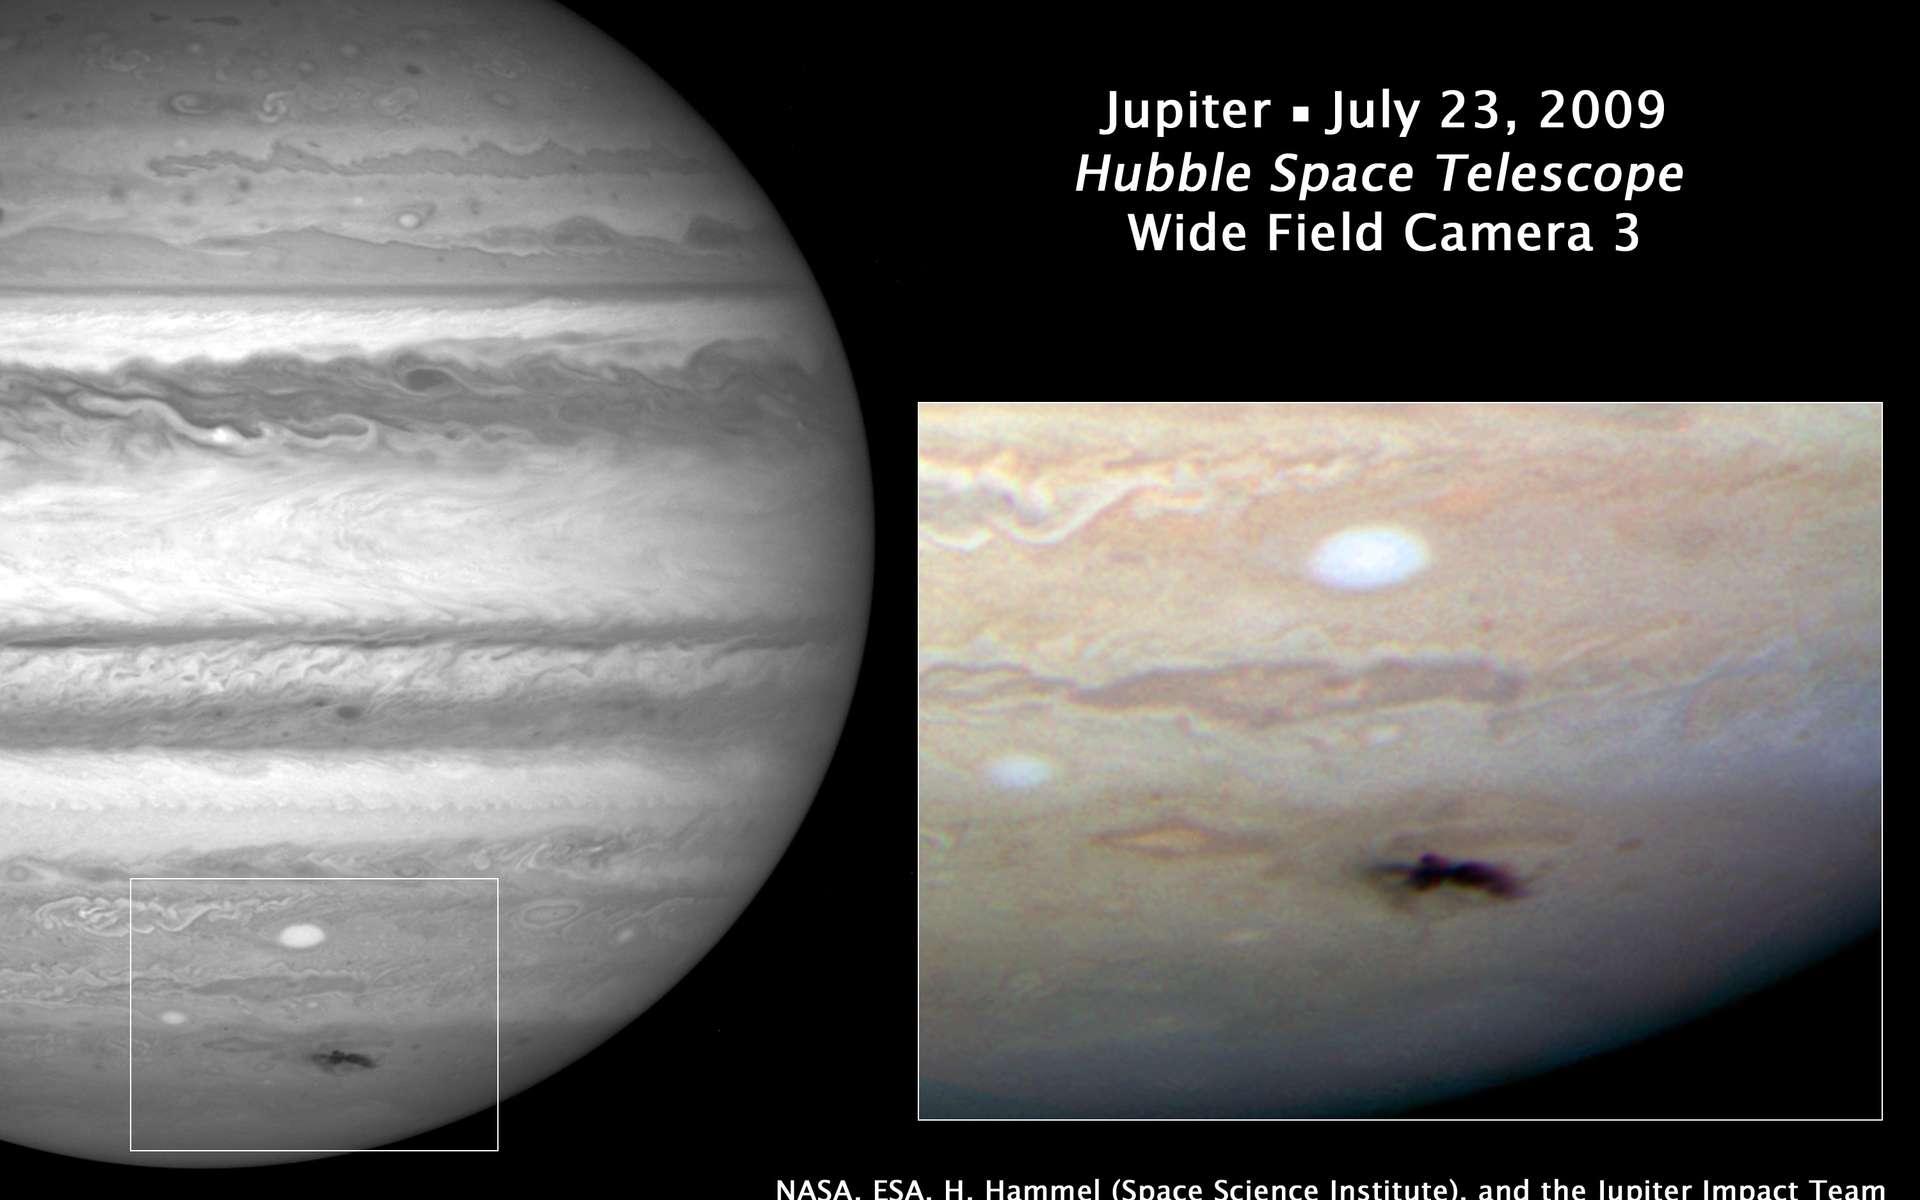 Photographie prise le 23 juillet par WFC-3, caméra à grand champ du télescope spatial Hubble. Elle montre la dispersion des débris de l'astéroïde ou de la comète qui a percuté, quatre jours plus tôt, la haute atmosphère de Jupiter. © Nasa, Esa, H. Hammel (Space Science Institute), Boulder, Colorado), Jupiter Impact Team